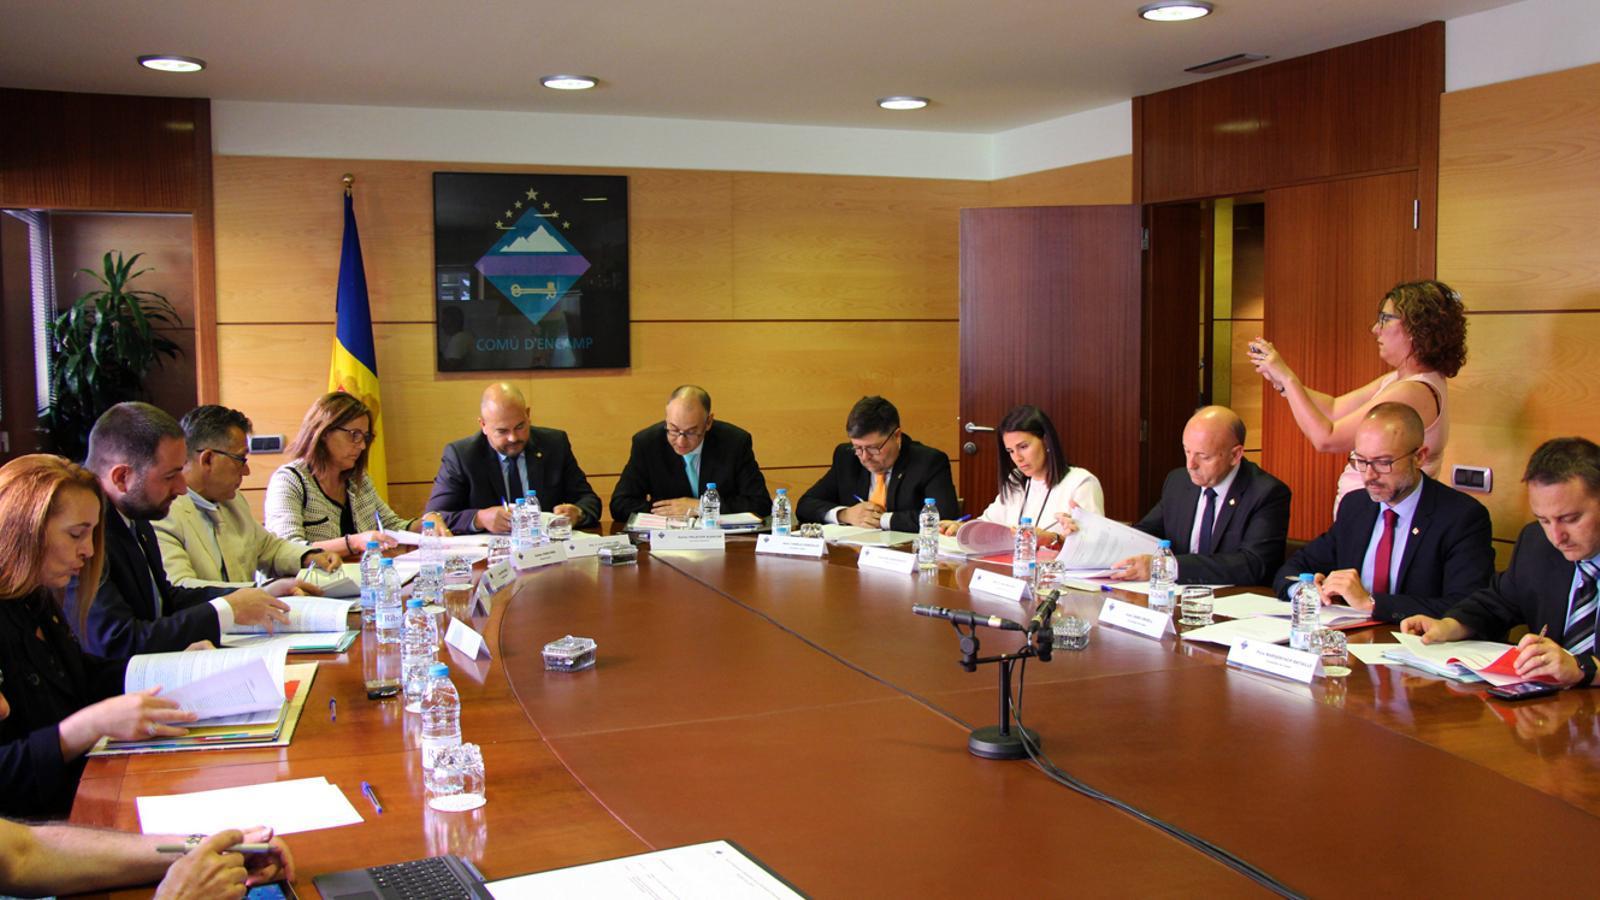 Sessió del consell de comú d'Encamp celebrada aquest divendres al Pas de la Casa. / T. N. (ANA)